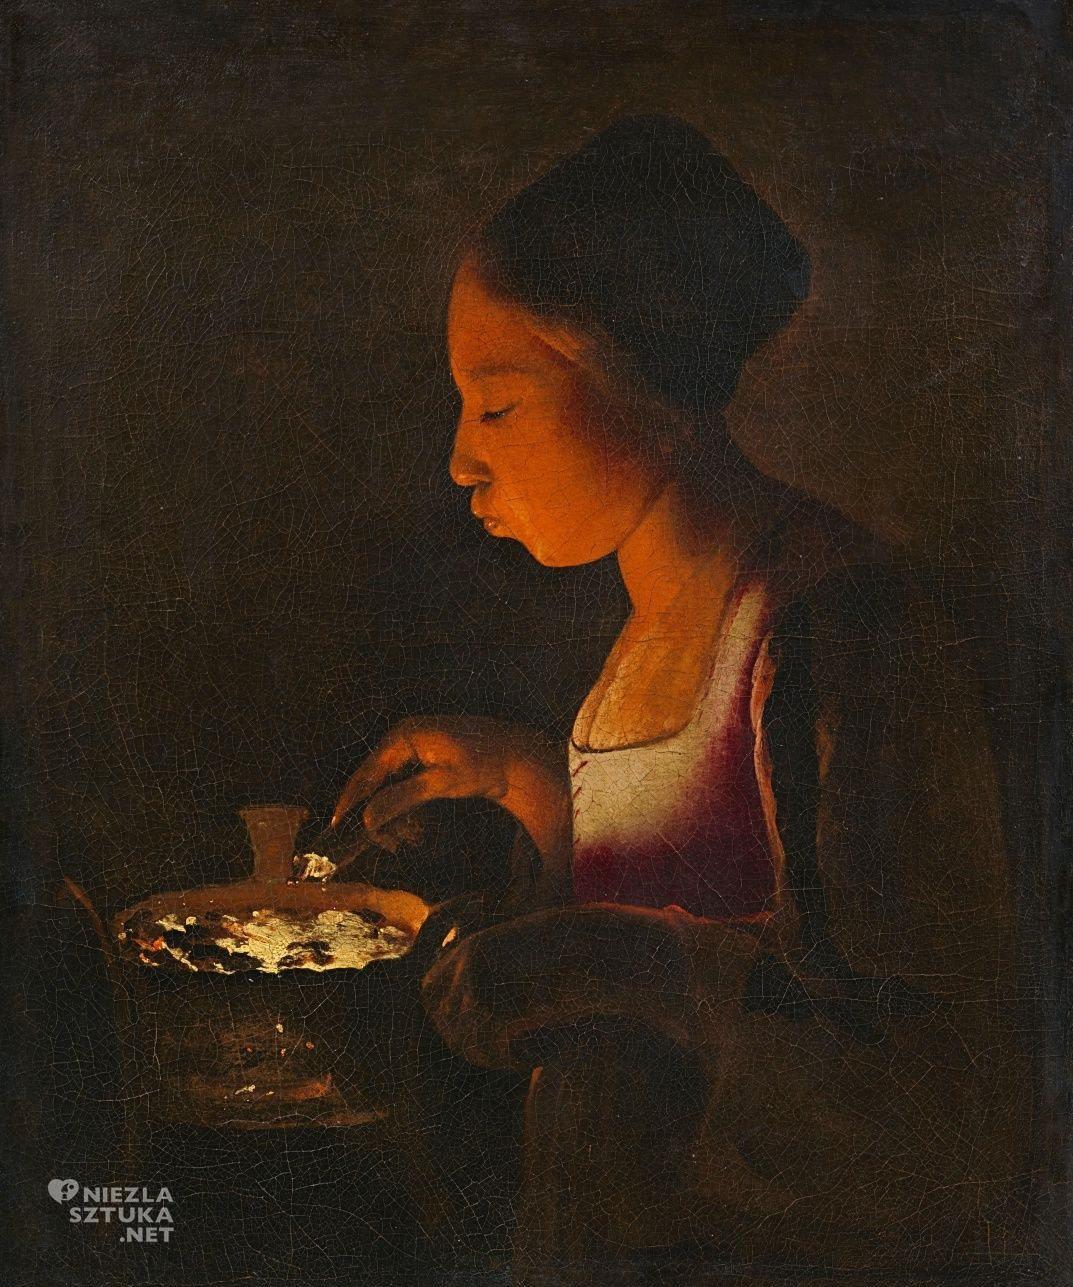 Georges de La Tour, Dziewczyna dmuchająca w żar, barok, sztuka francuska, Niezła Sztuka